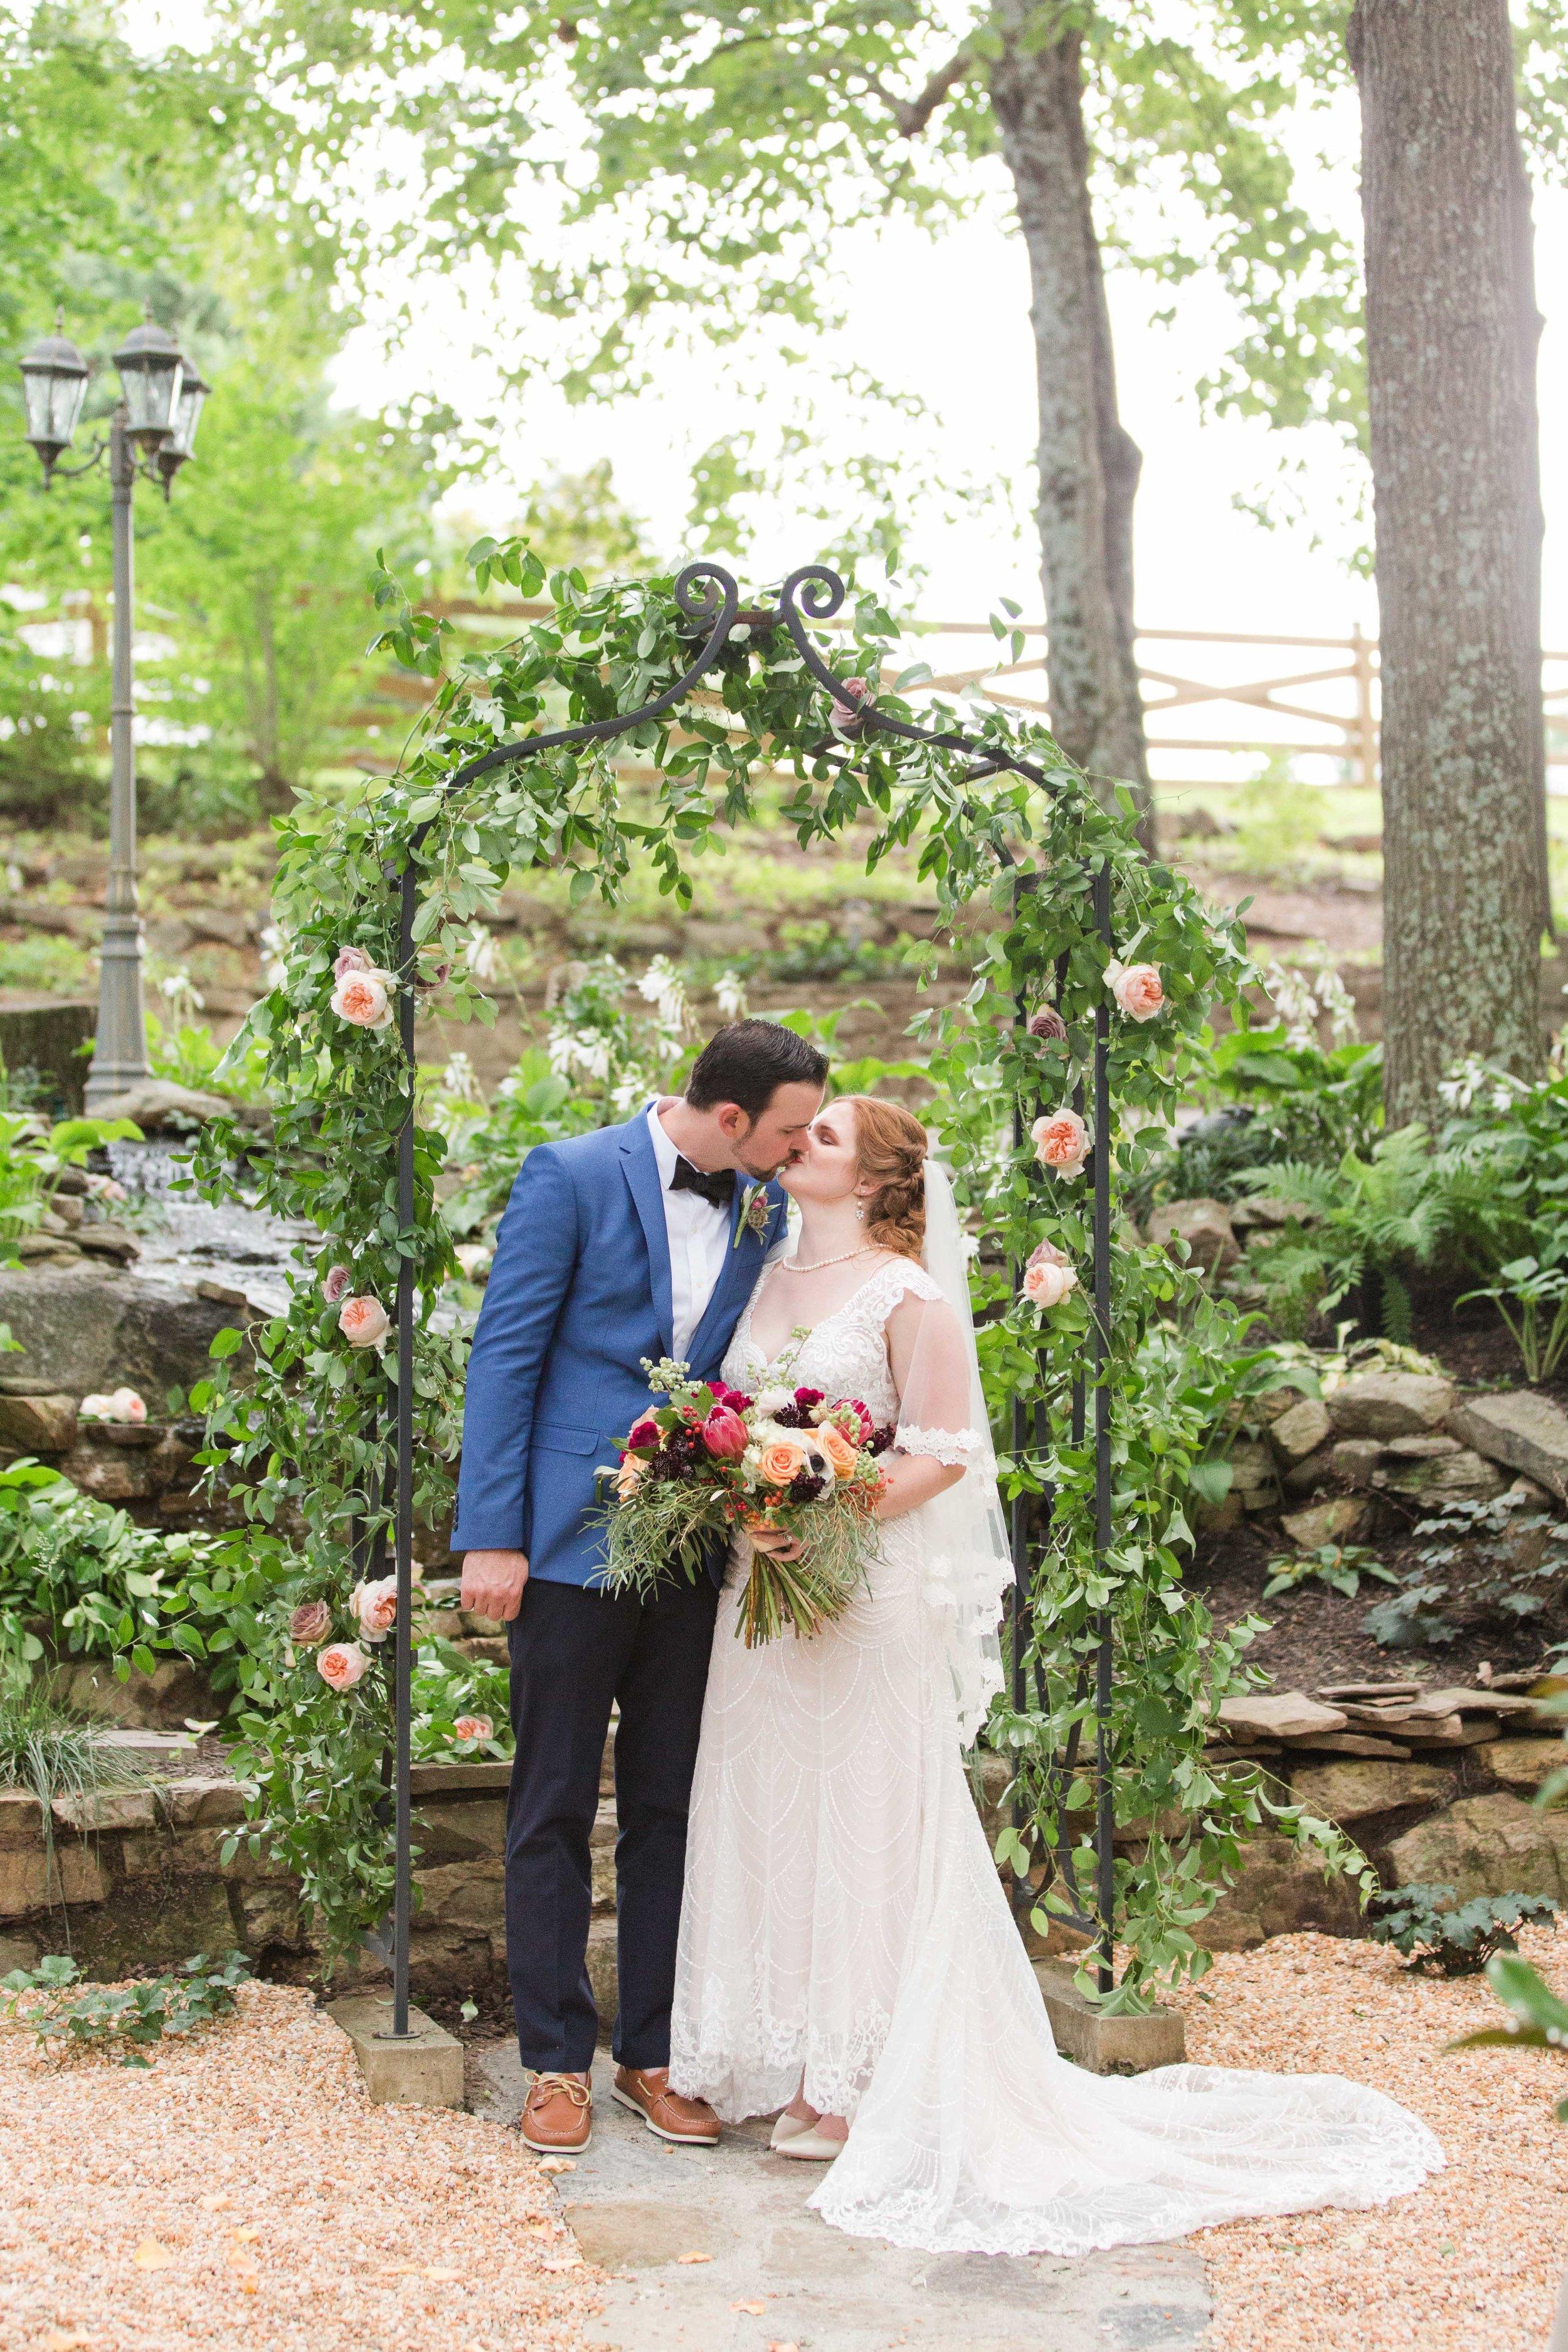 mcfarland_house_martinsburg_wedding-2.jpg